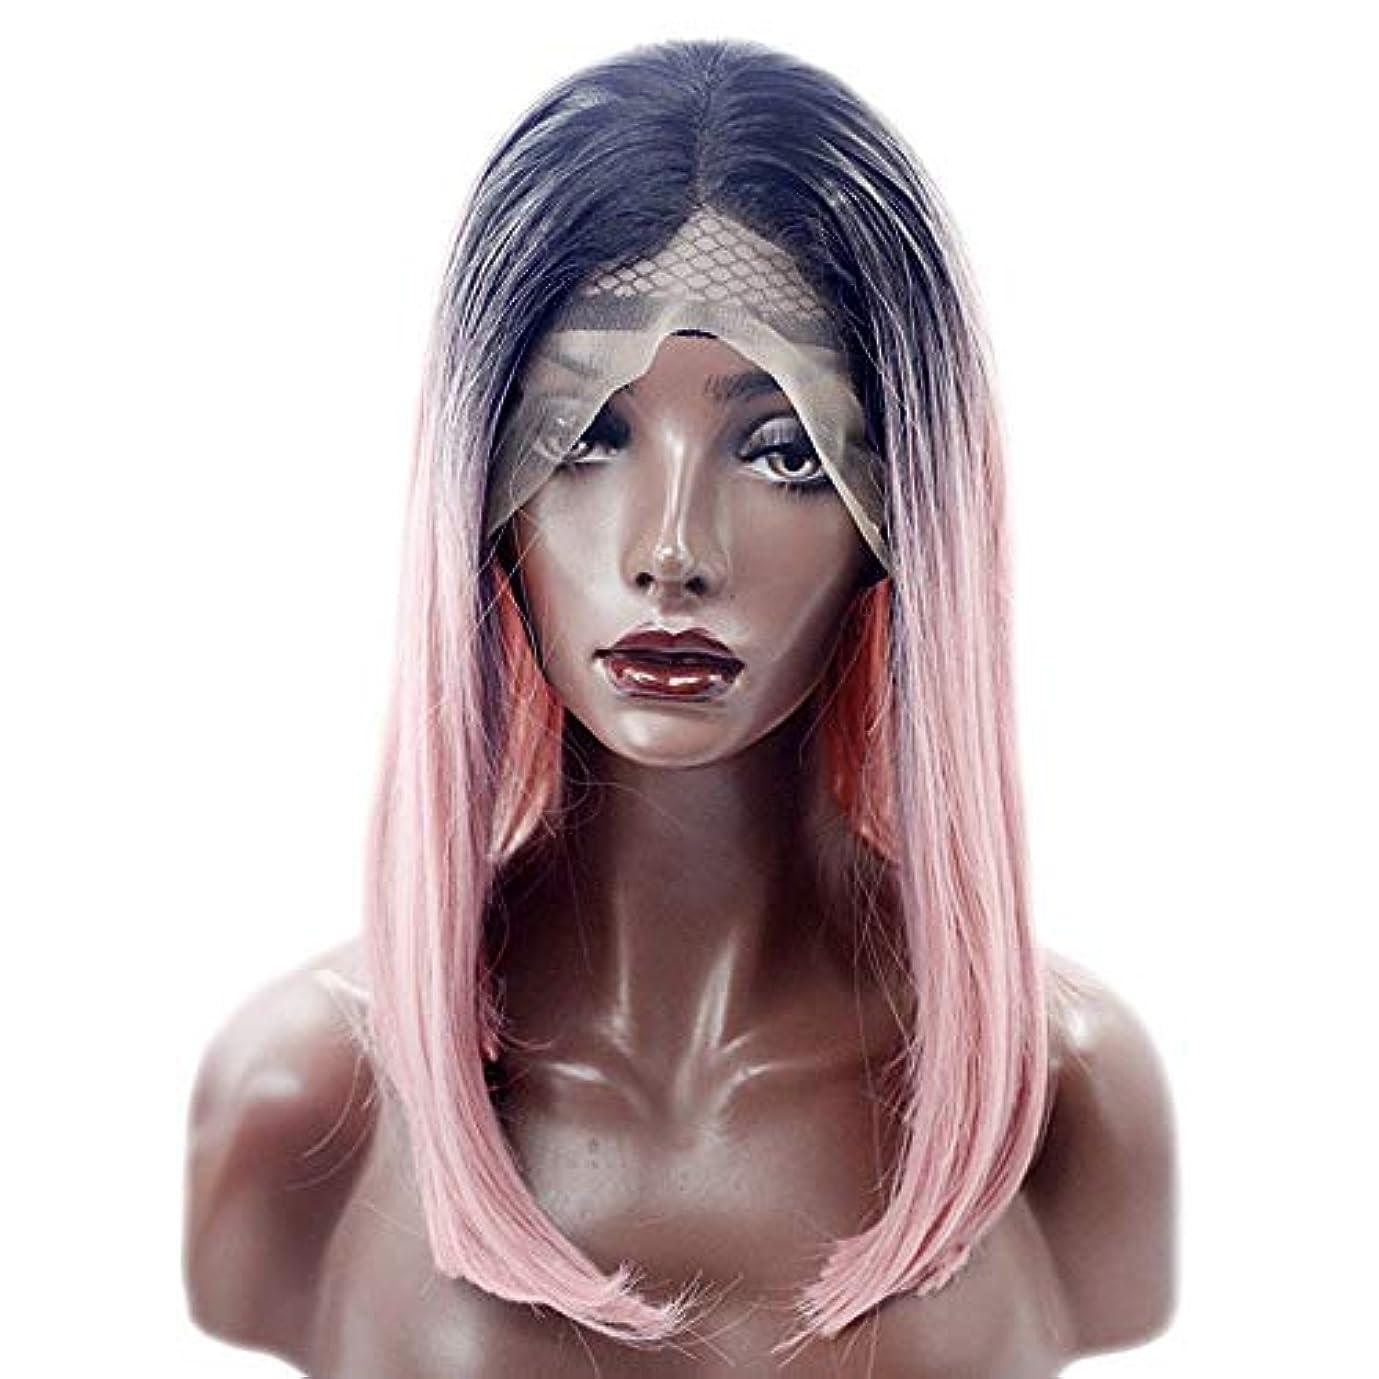 知的つかむハイブリッドYOUQIU 女性のかつらのフロント合成かつらピンクボブウィッグストレート肩の耐熱髪をひもで締めます (色 : ピンク)